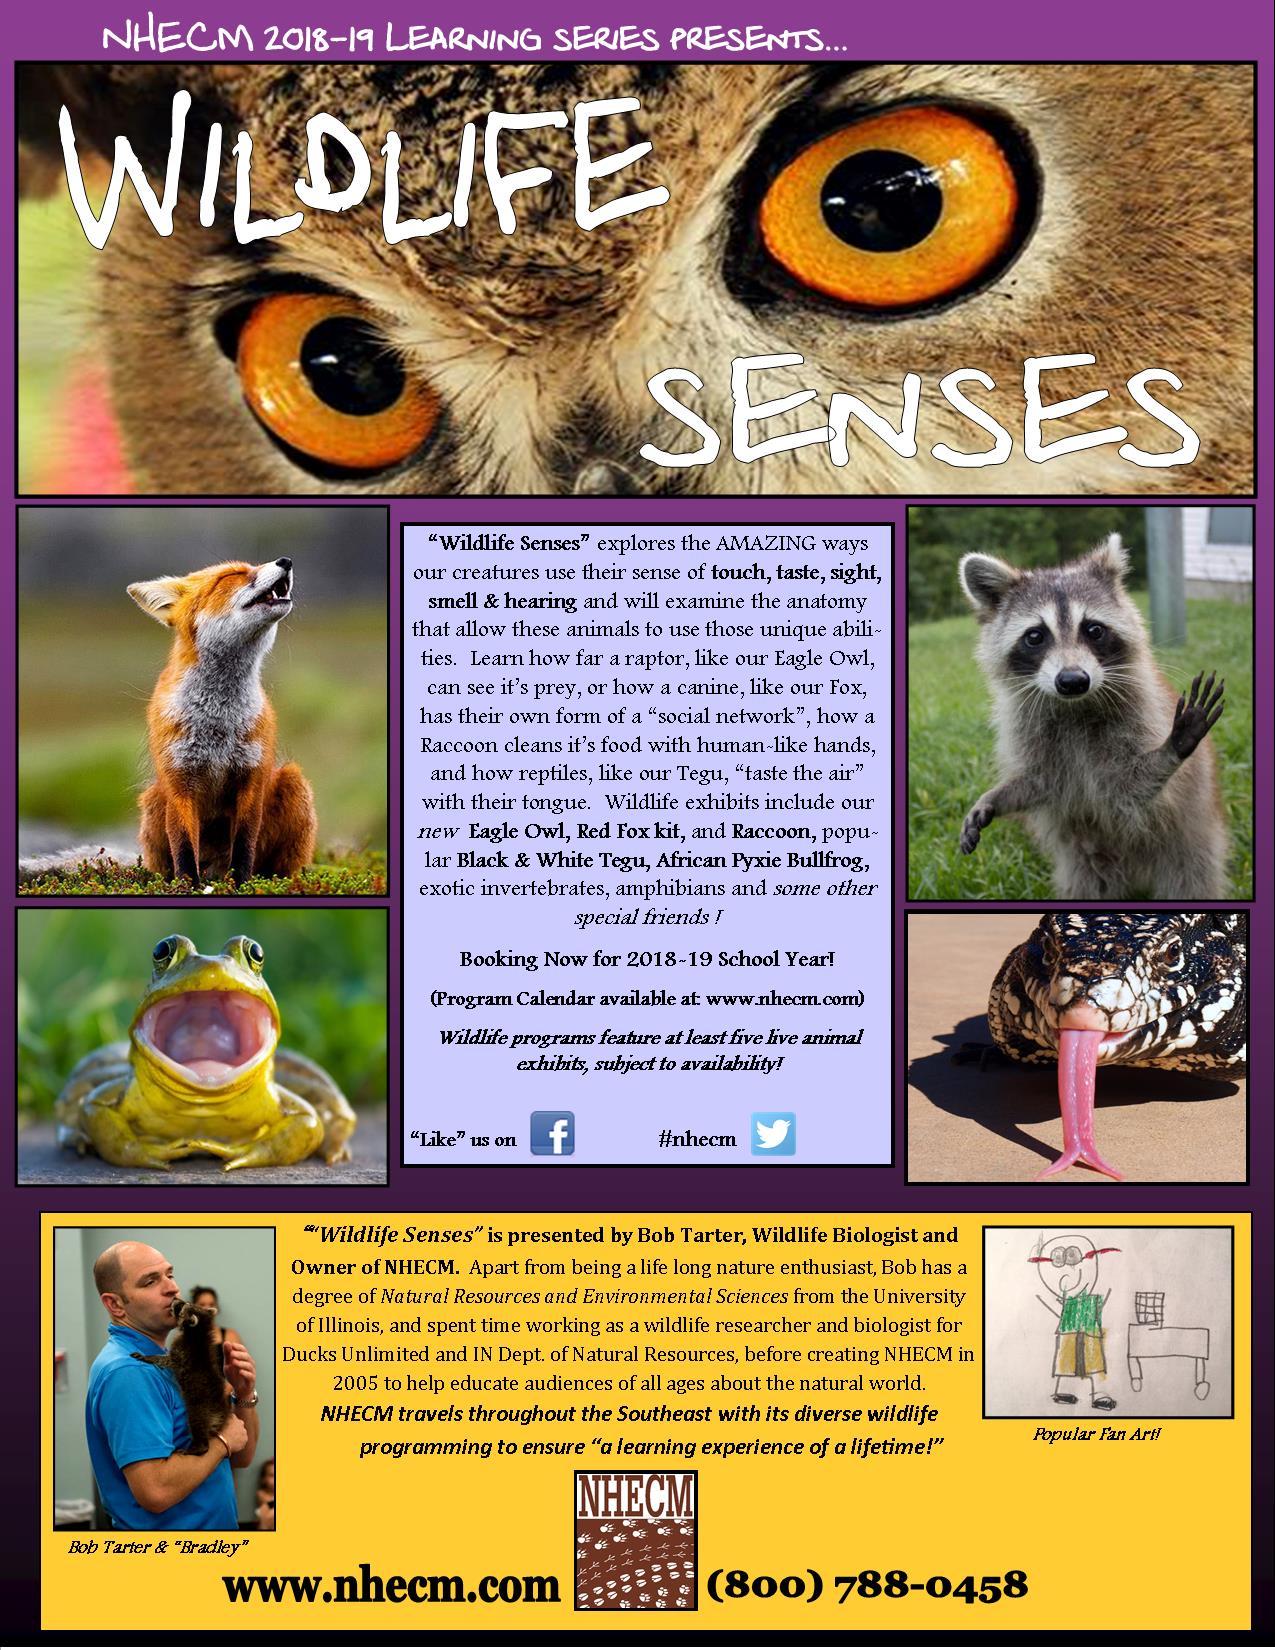 WildlifeSenses18-19 Flier